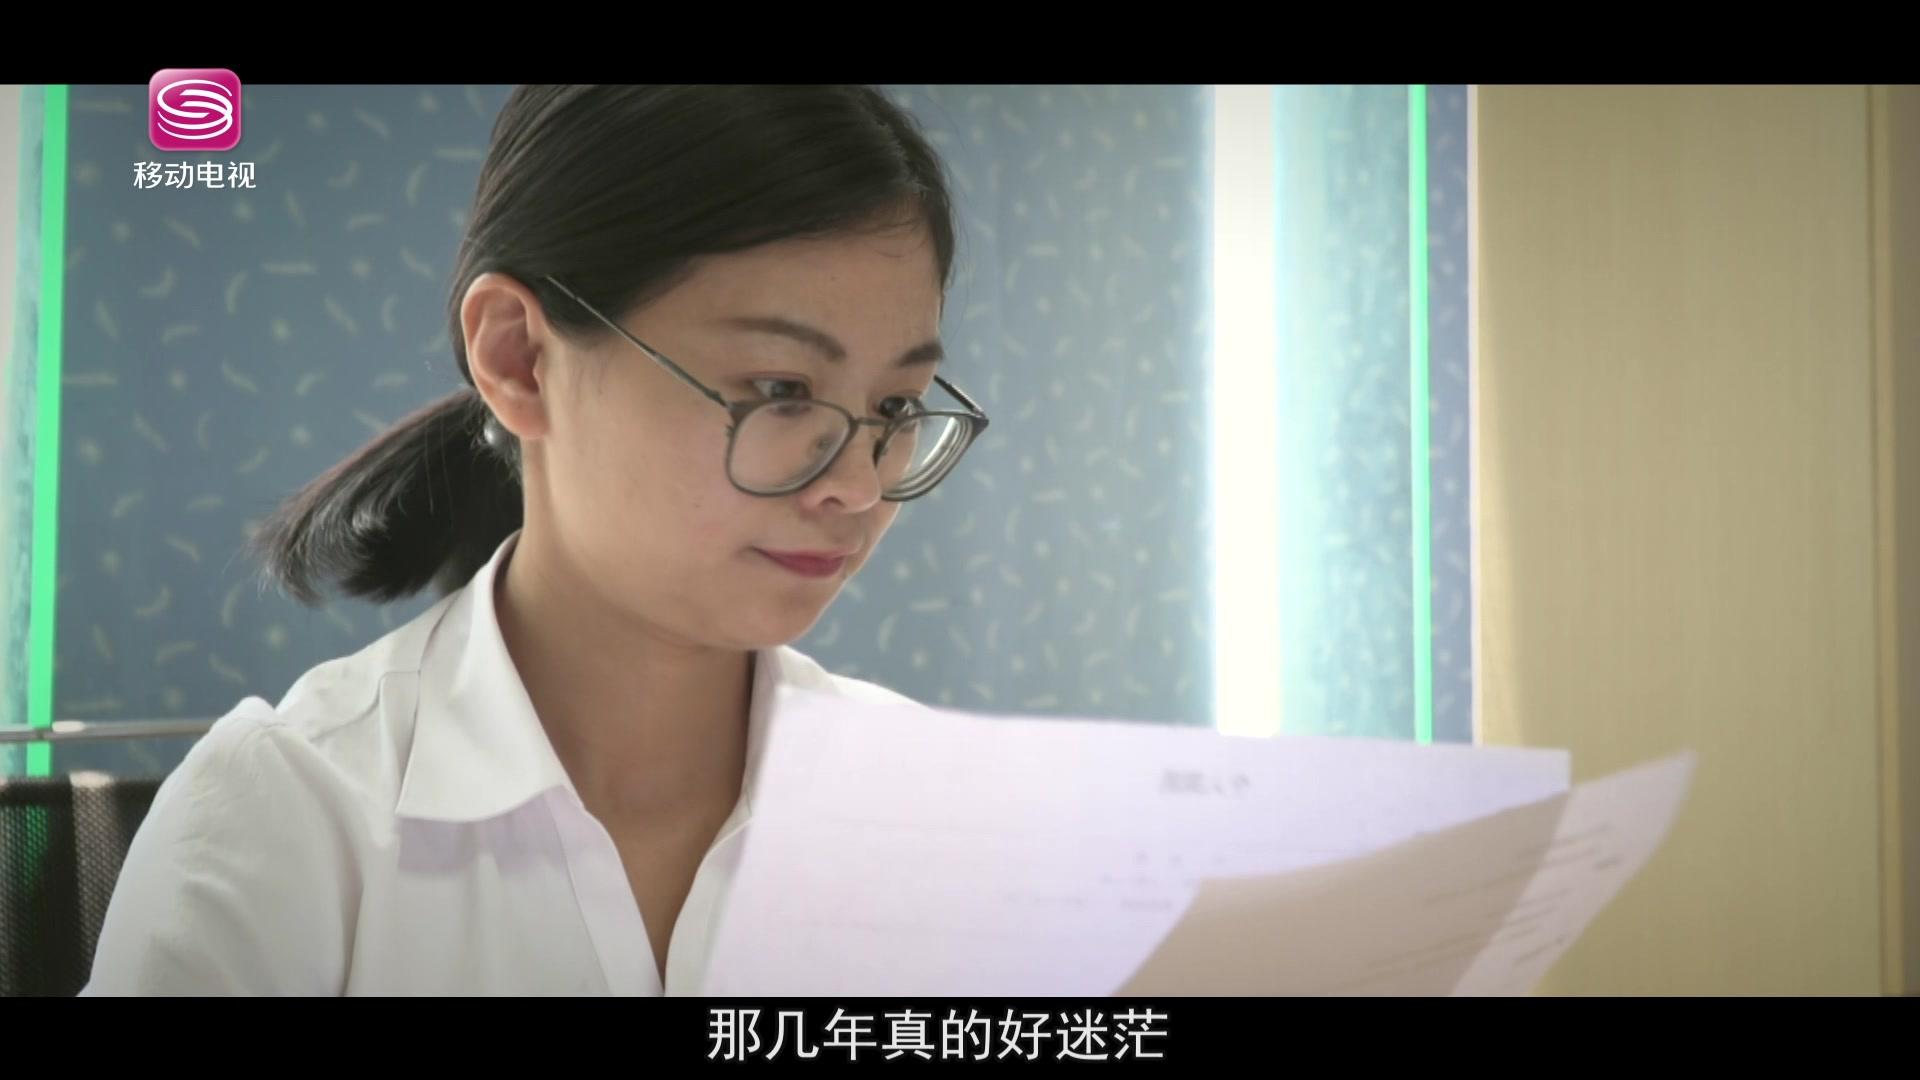 《职场前沿》415期--北大青鸟深圳嘉华学校 学员 杨光